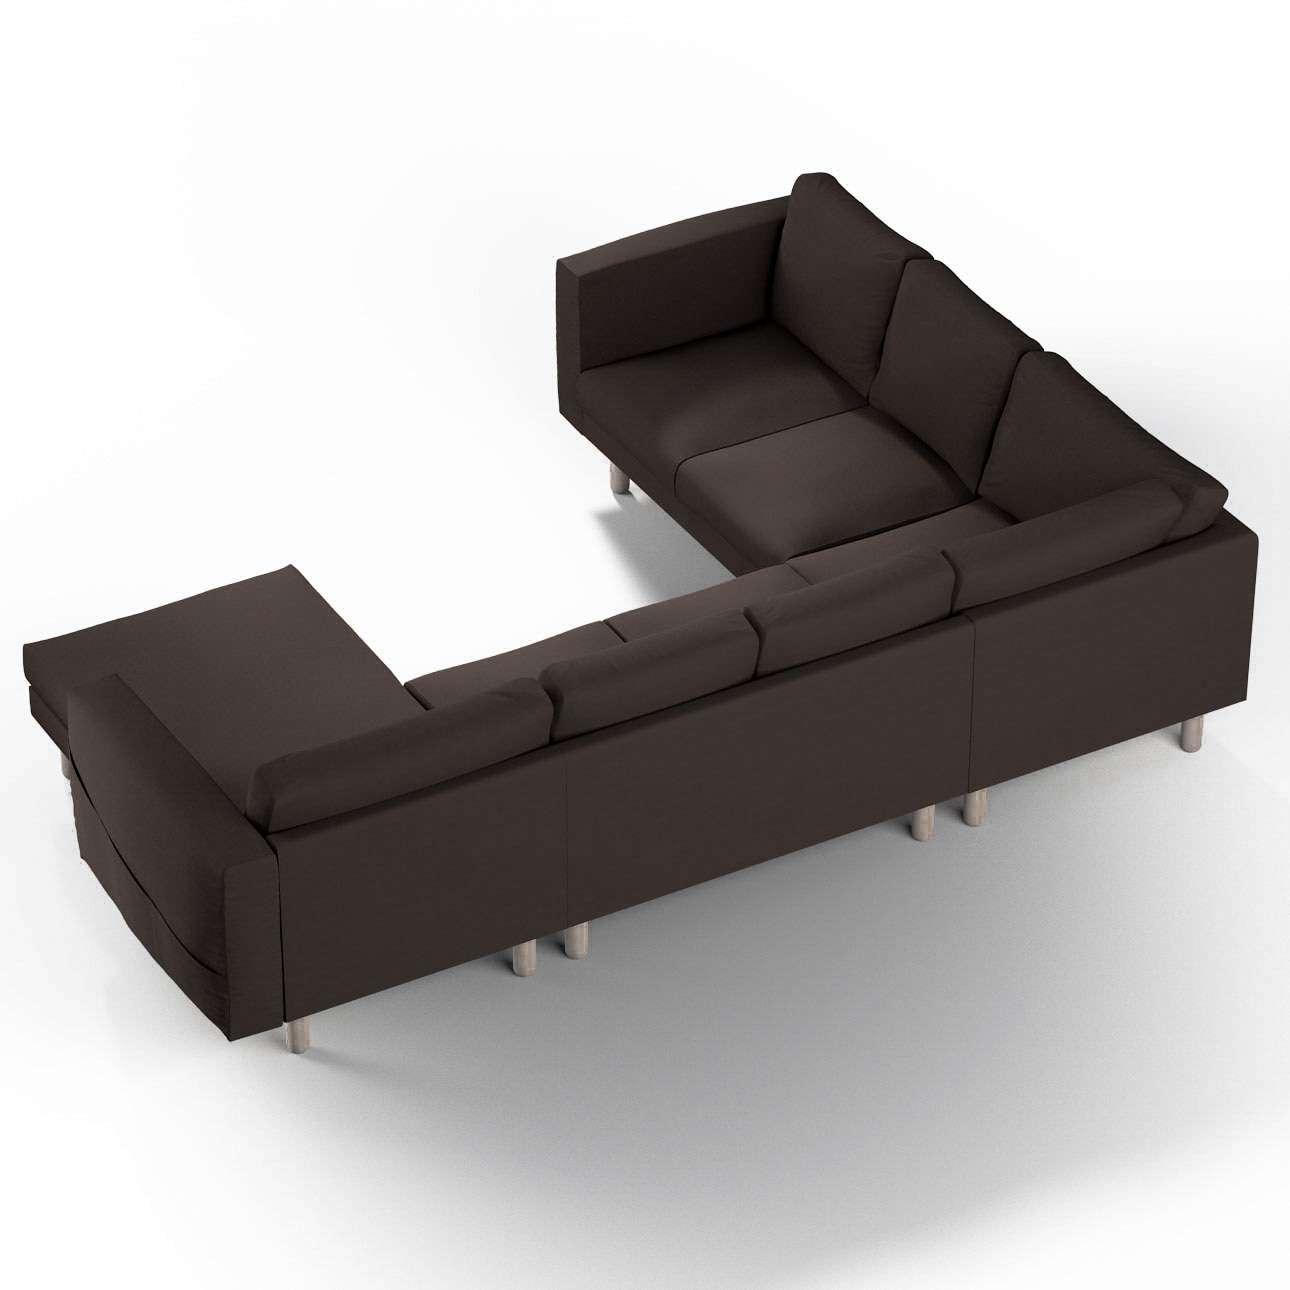 Pokrowiec na sofę narożną Norsborg 5-osobową z szezlongiem w kolekcji Cotton Panama, tkanina: 702-03